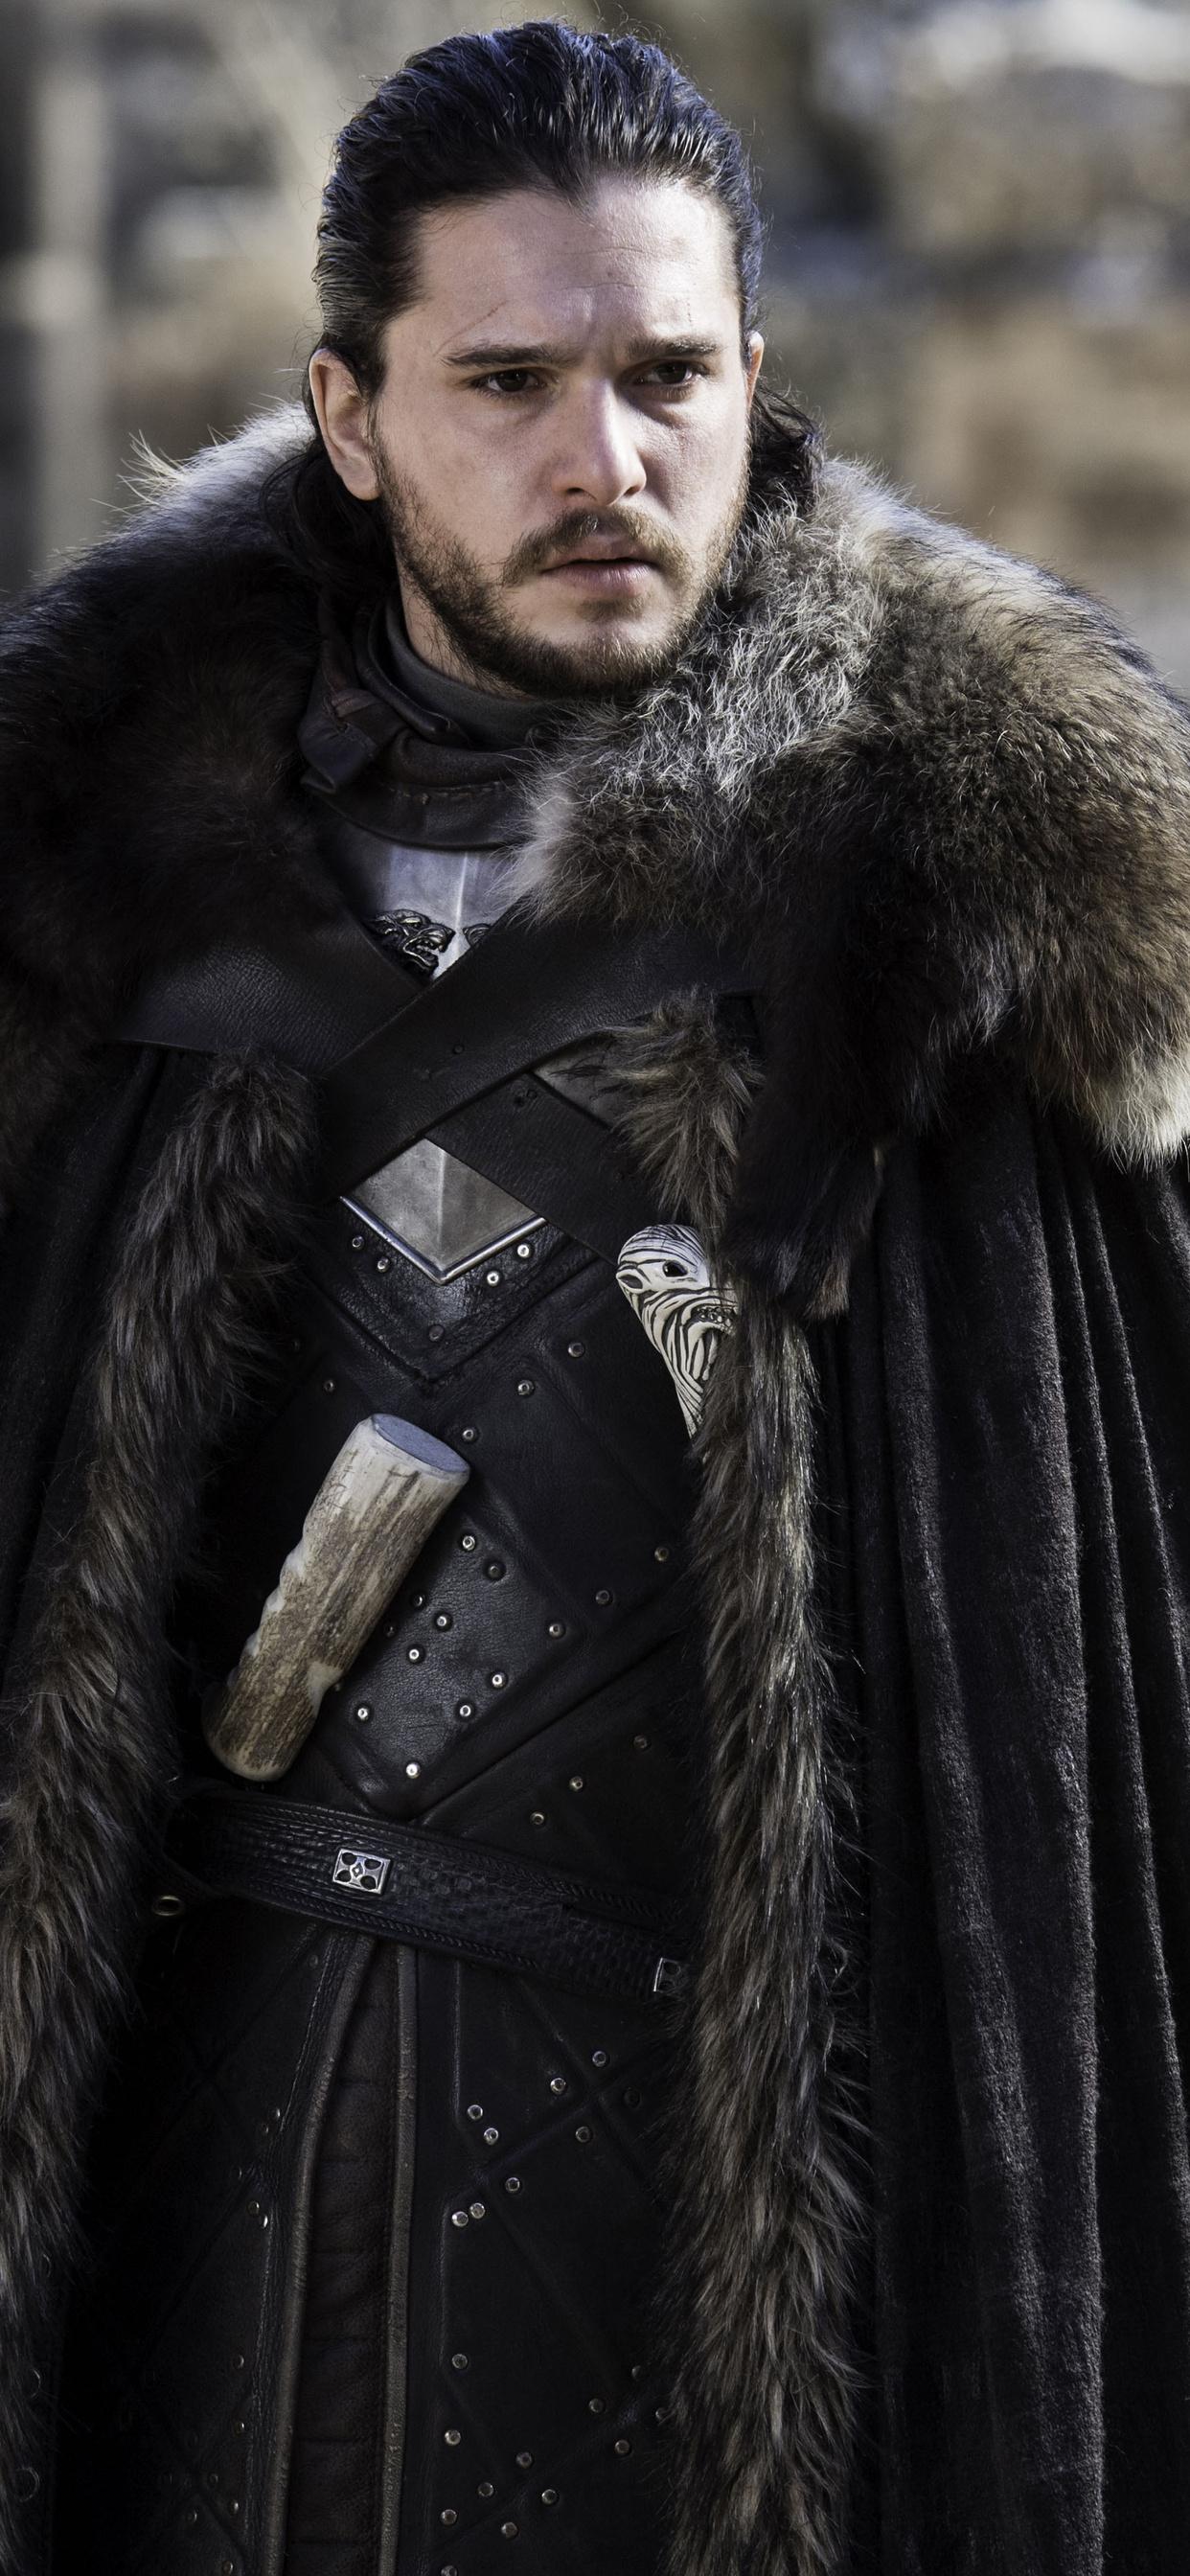 1242x2688 Jon Snow Kit Harington Game Of Thrones Season 5 Iphone Xs